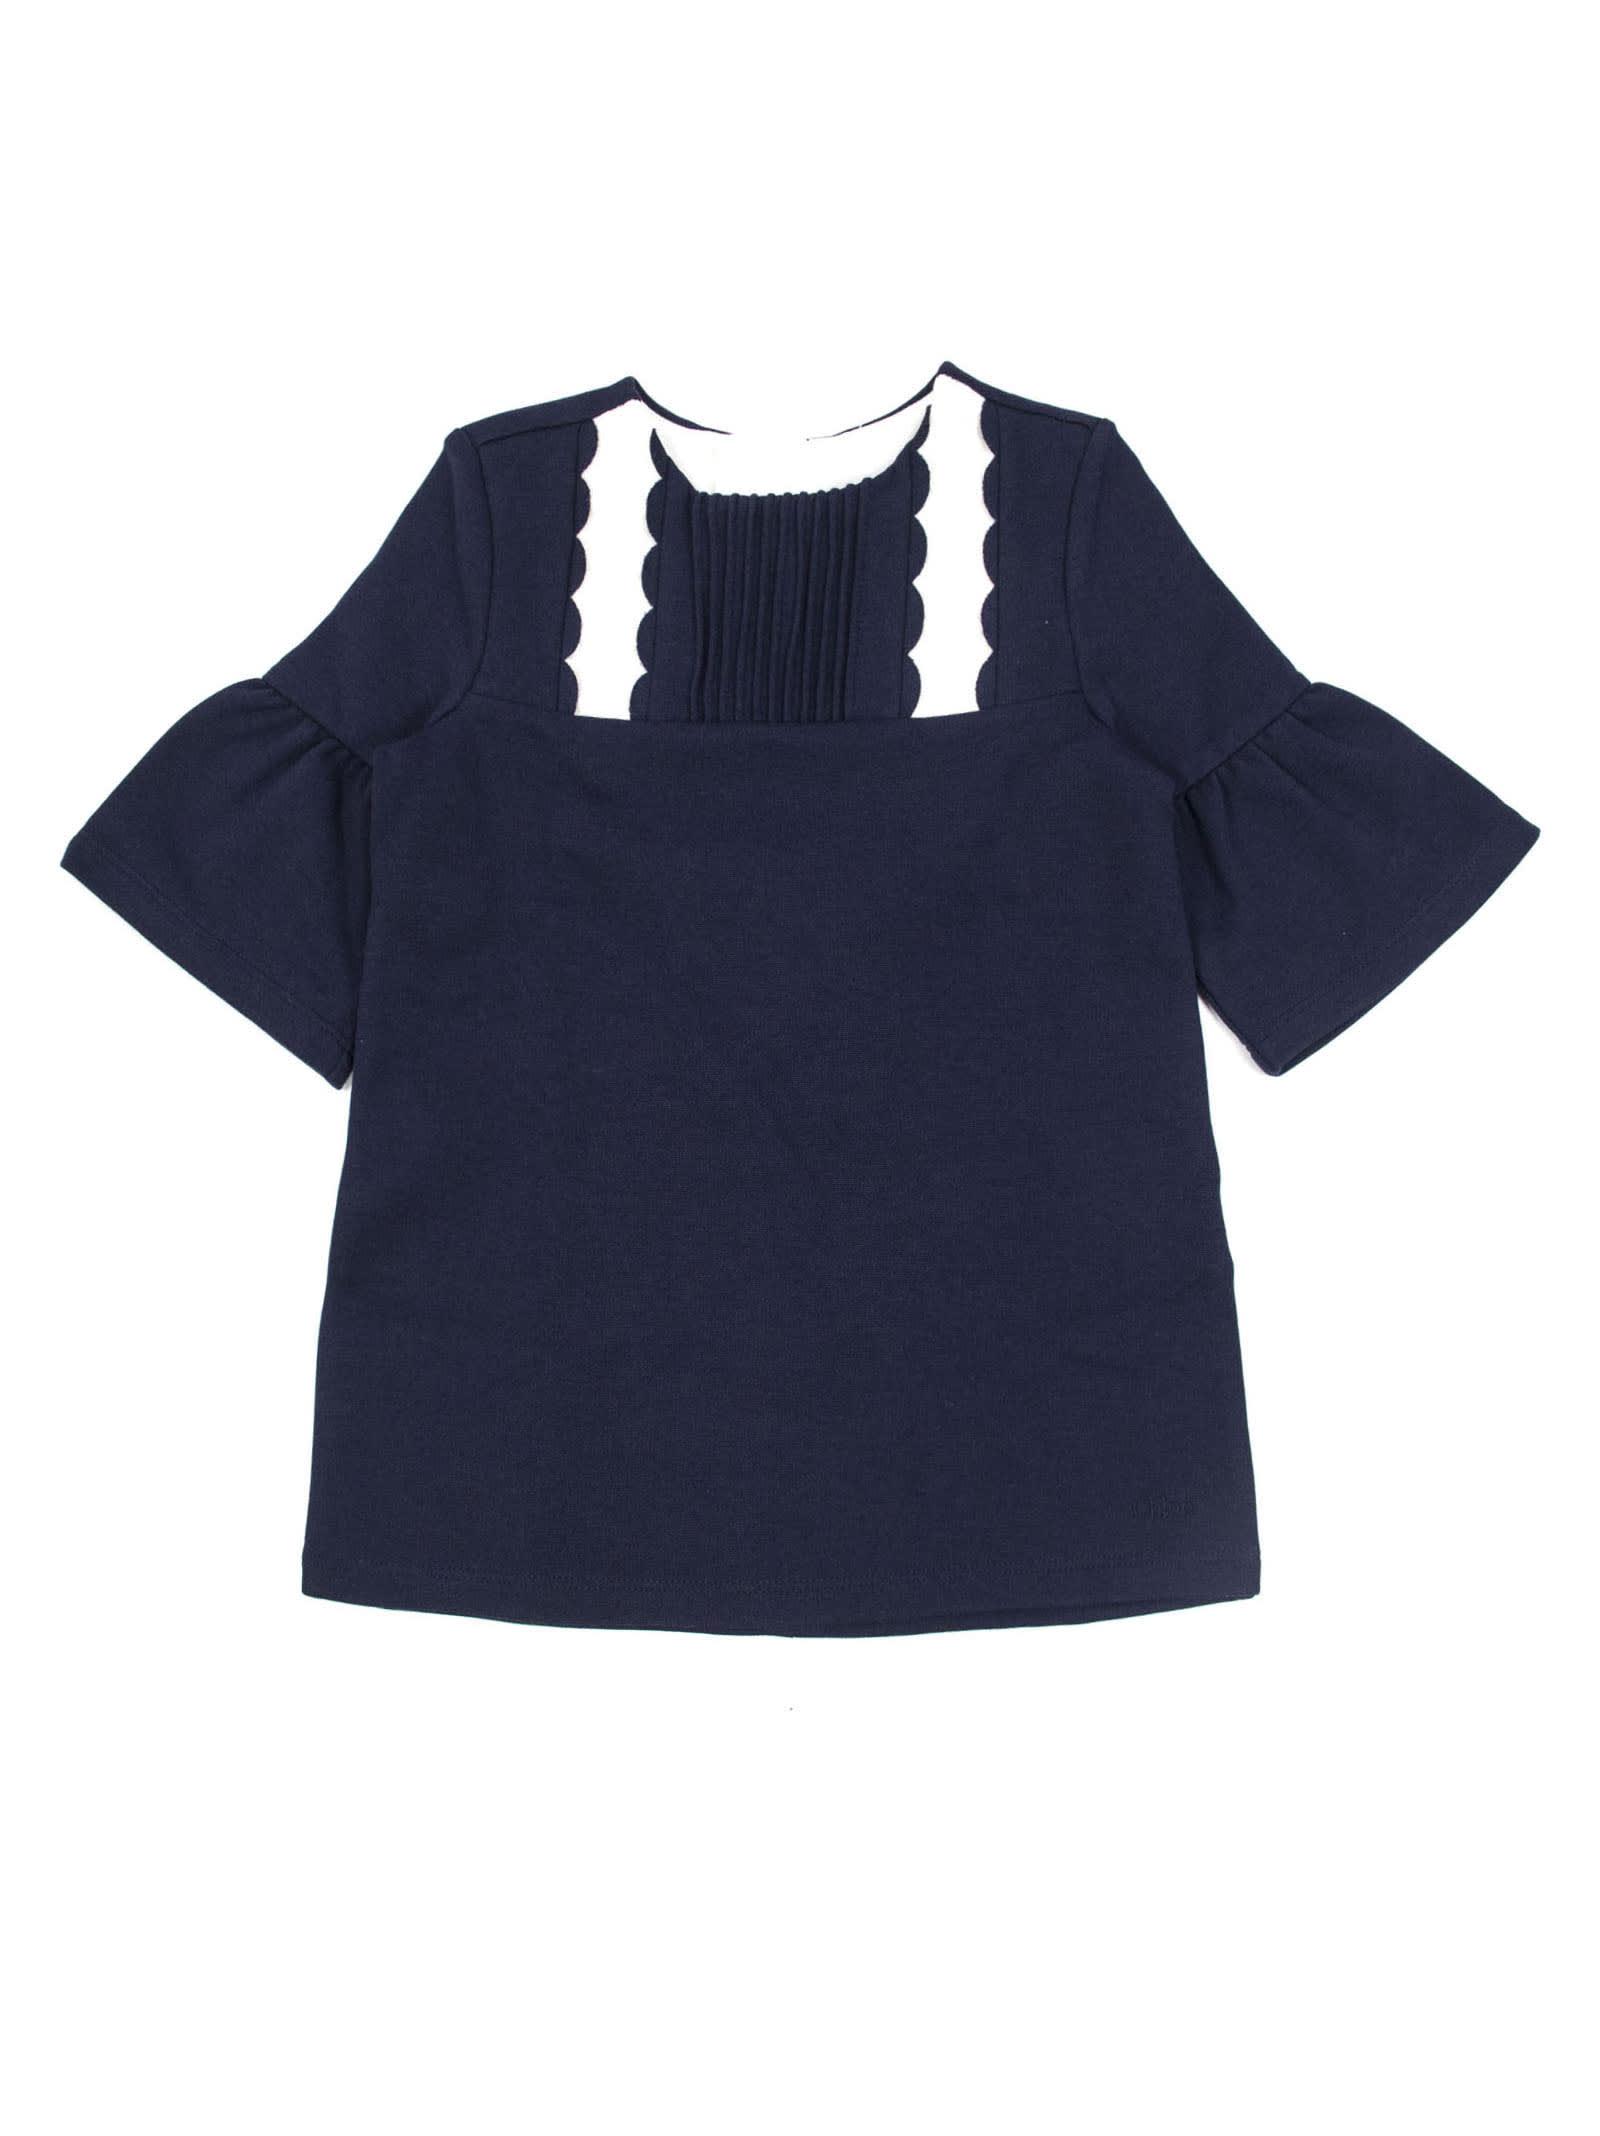 Chloé Blue Cotton Blend Dress